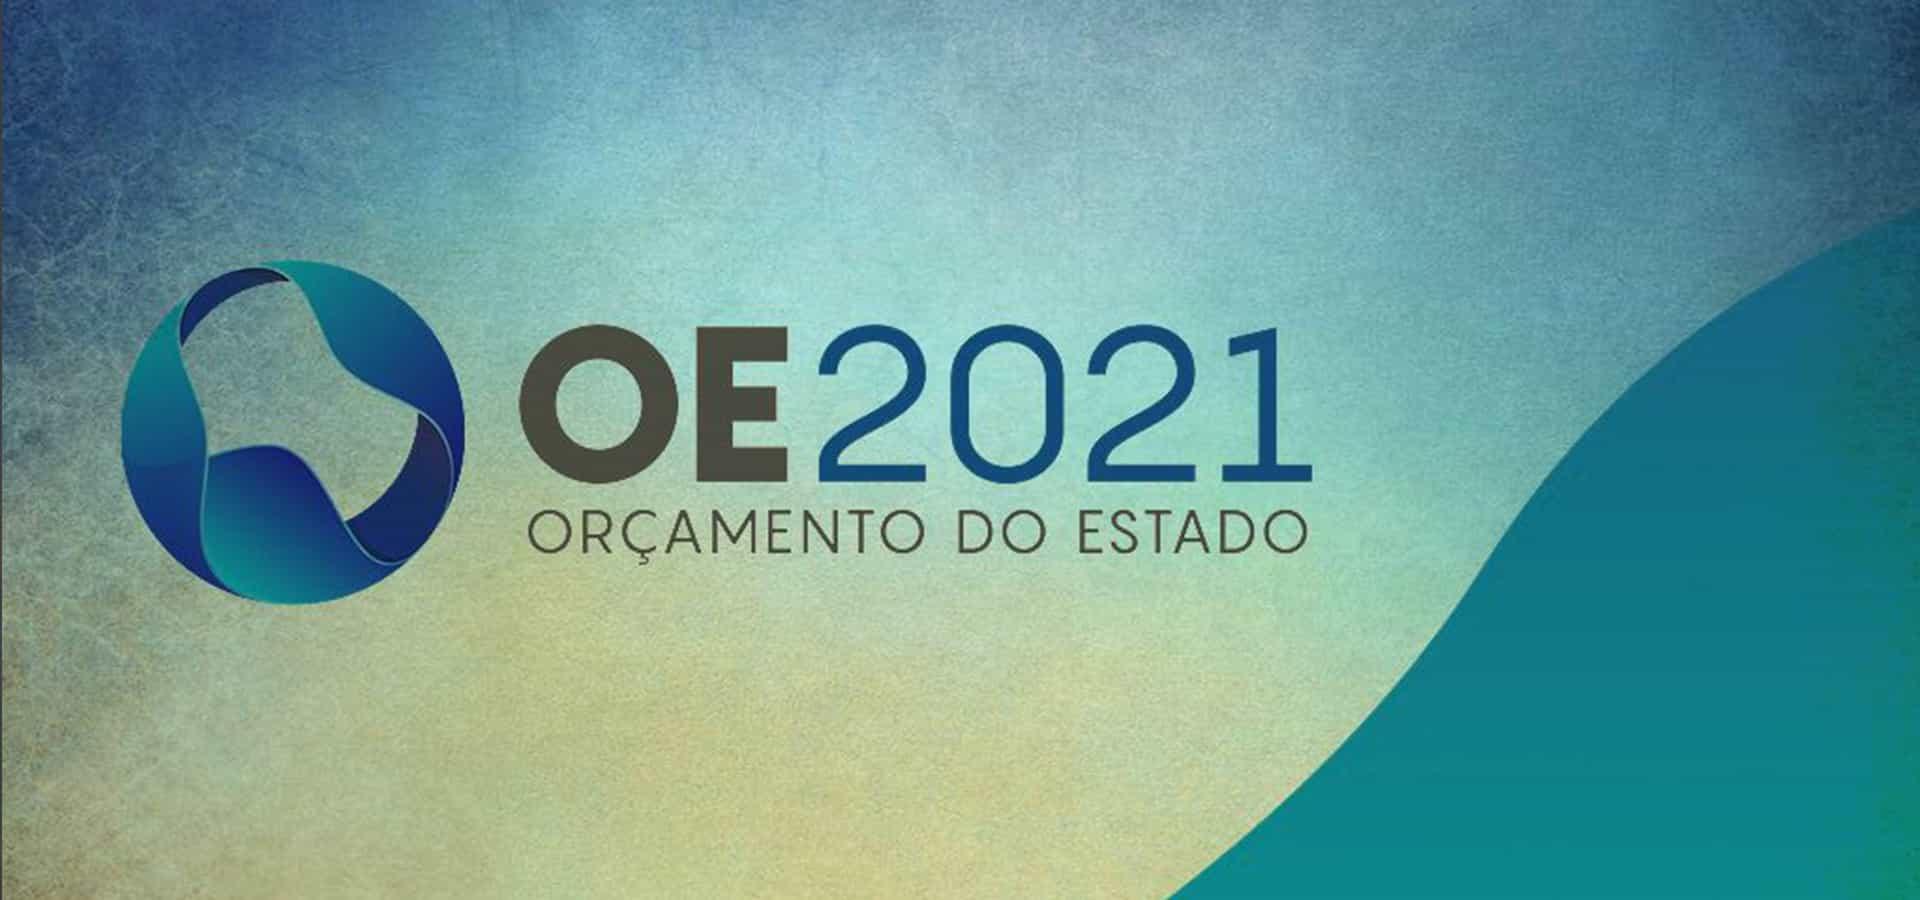 Ribeiro da Cunha & Associados SROC - newsletter Janeiro 2021